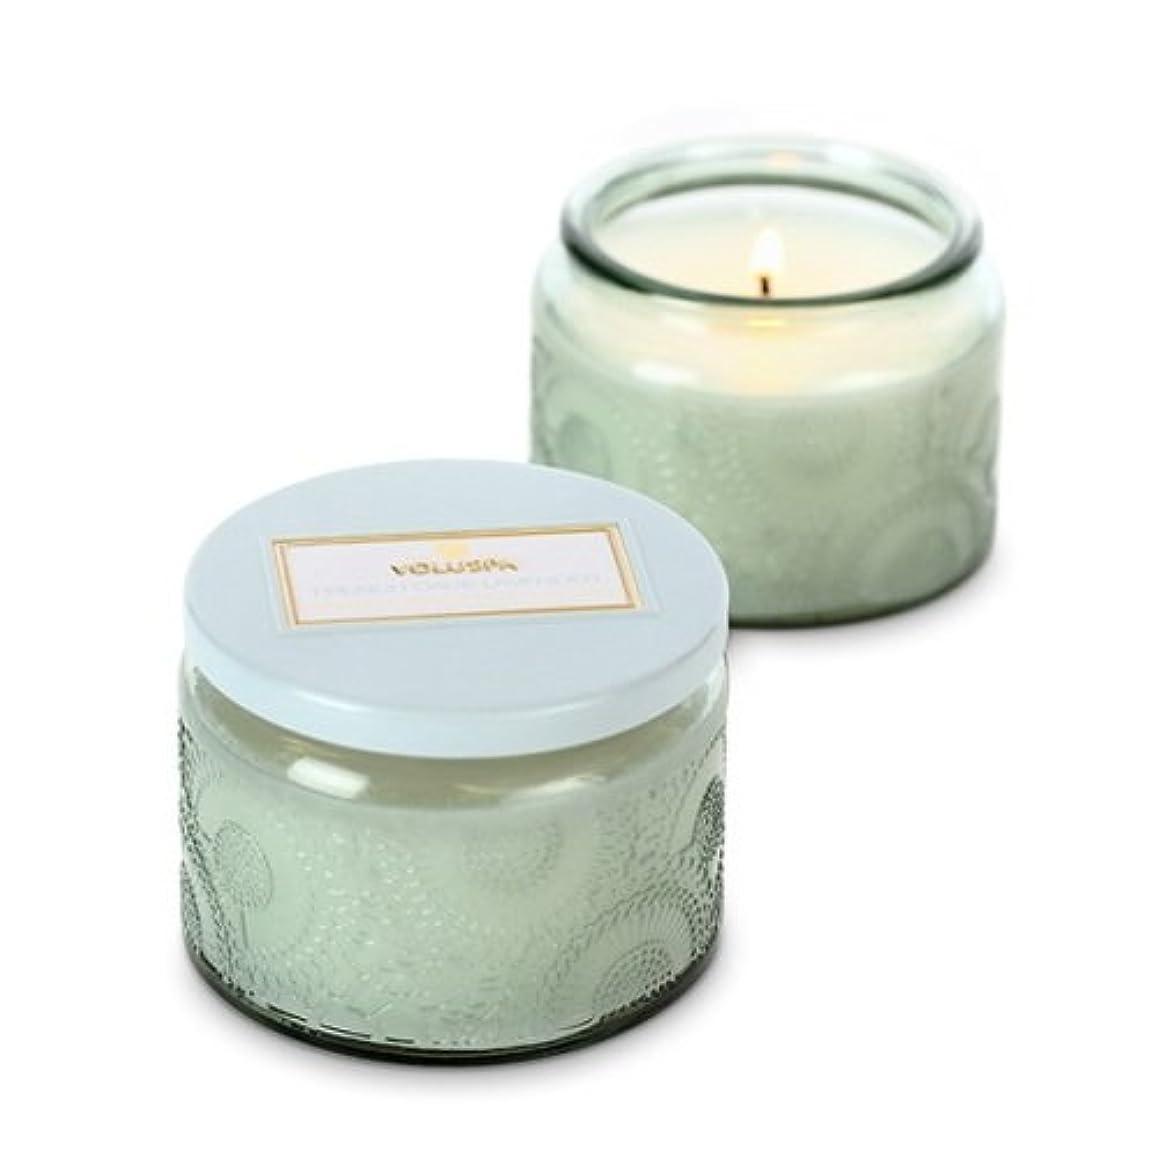 まぶしさ腰平らなVoluspa ボルスパ ジャポニカ グラスジャーキャンドル S フレンチケード&ラベンダー JAPONICA Glass jar candle FRENCH CADE LAVENDER